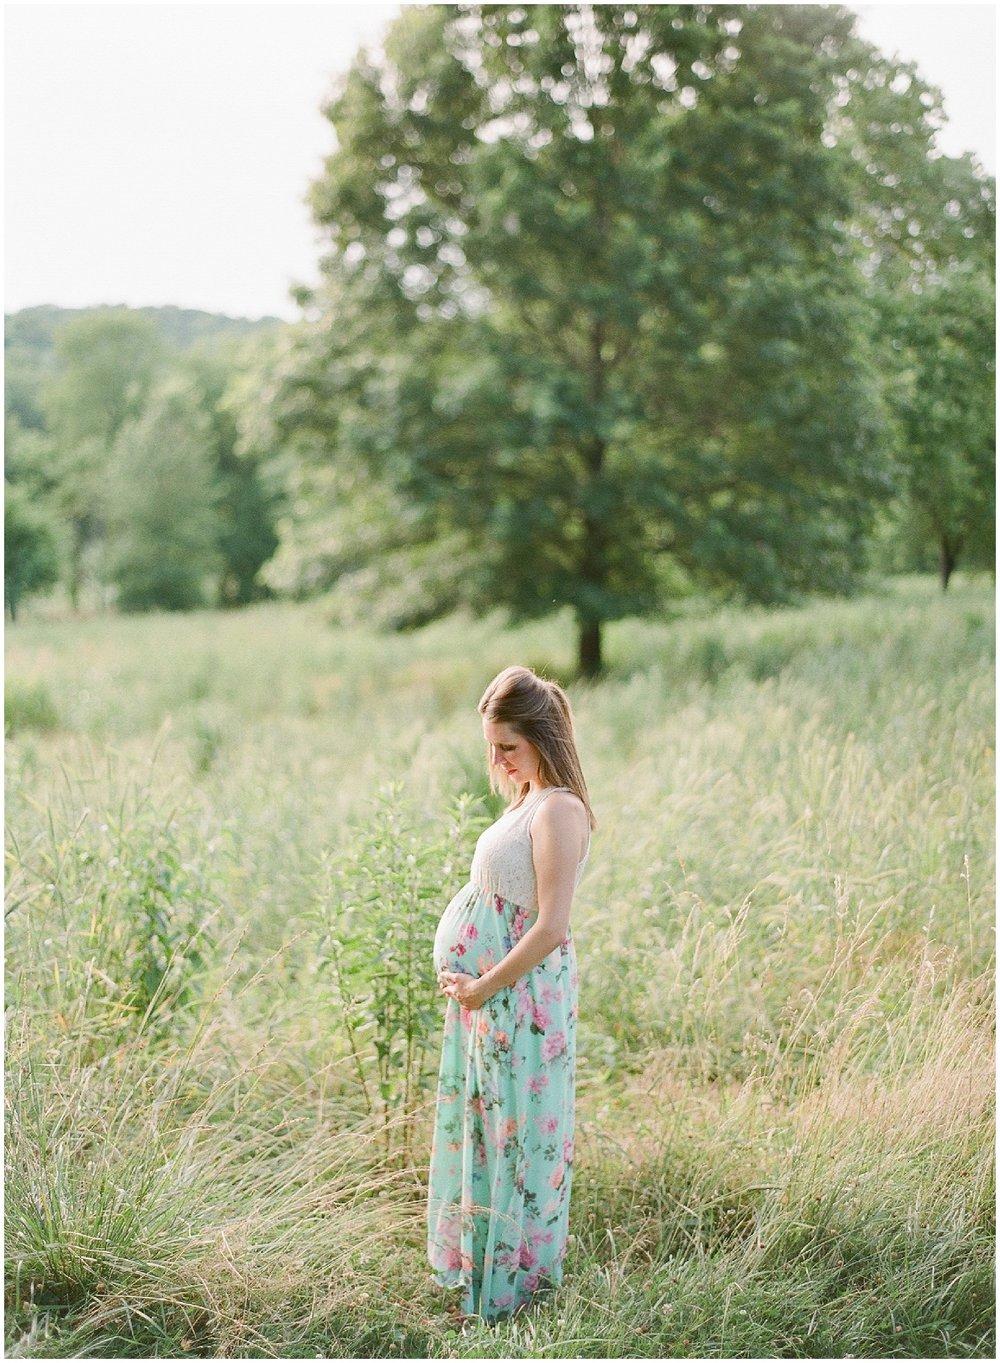 st louis photography_maternity_lauren muckler photography_film_st louis film photographer_0986.jpg